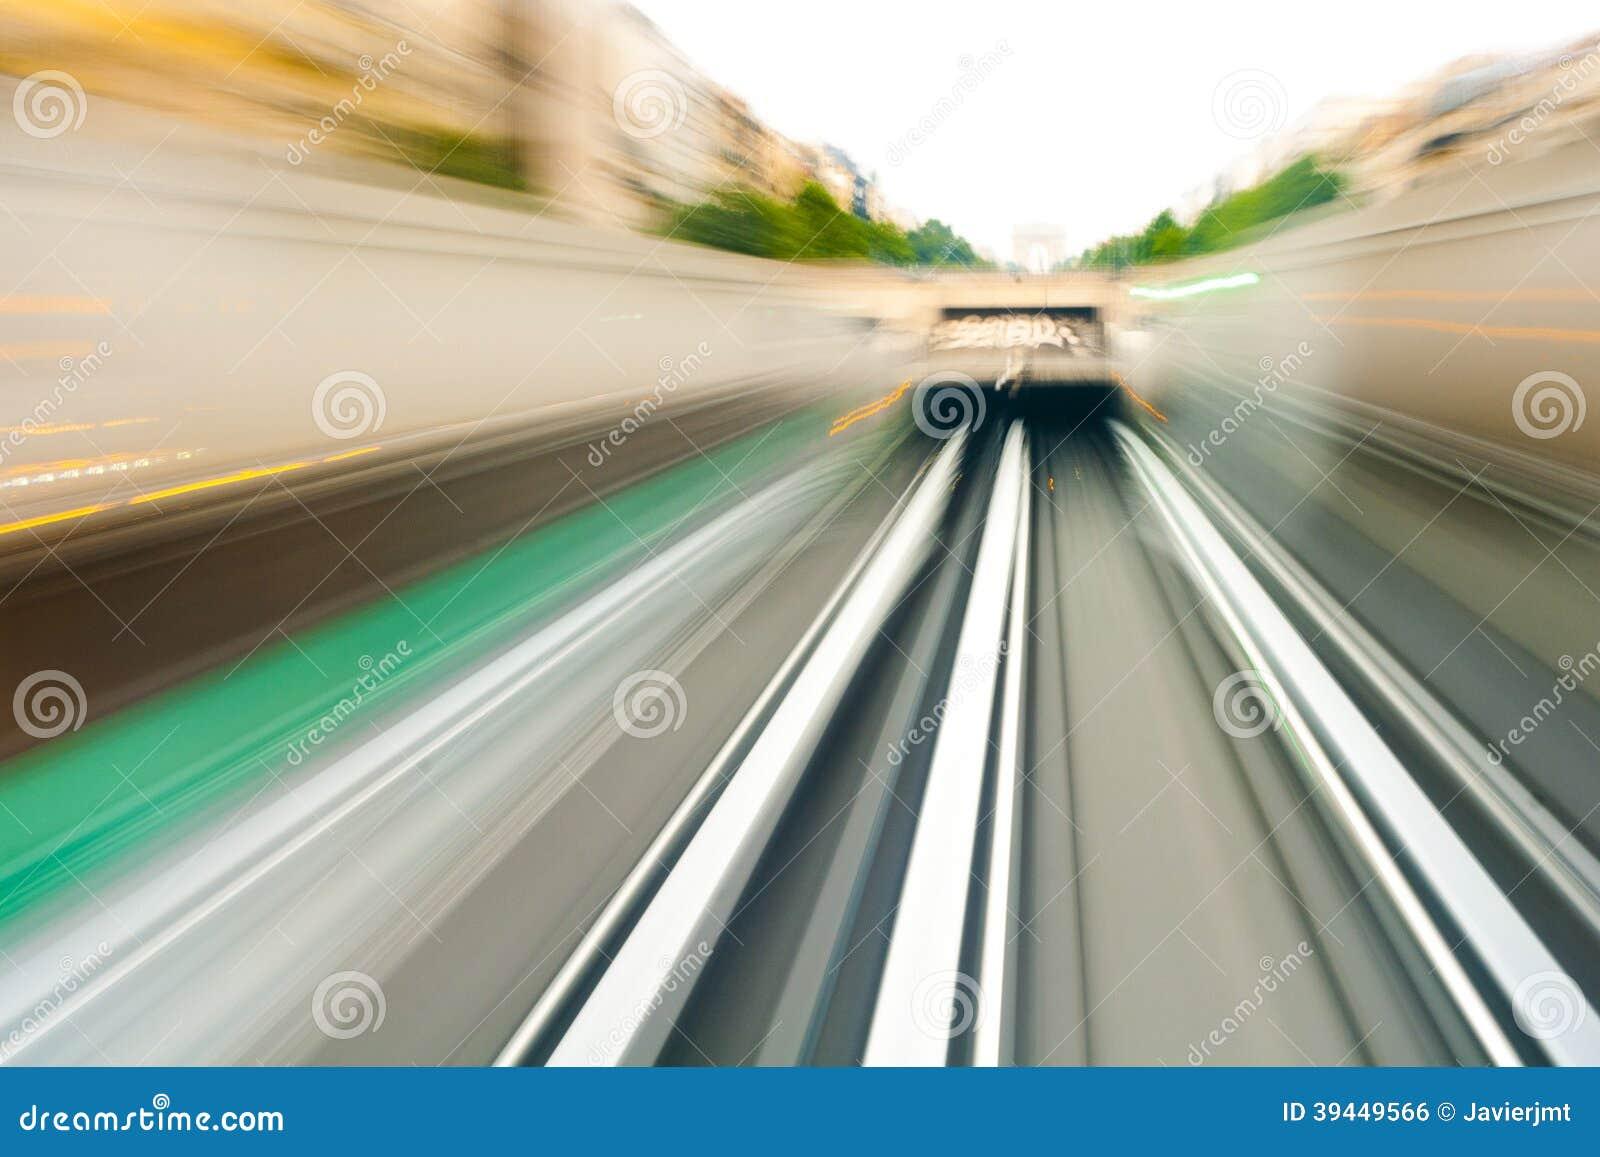 Tunnelbana som skriver in tunnelerna